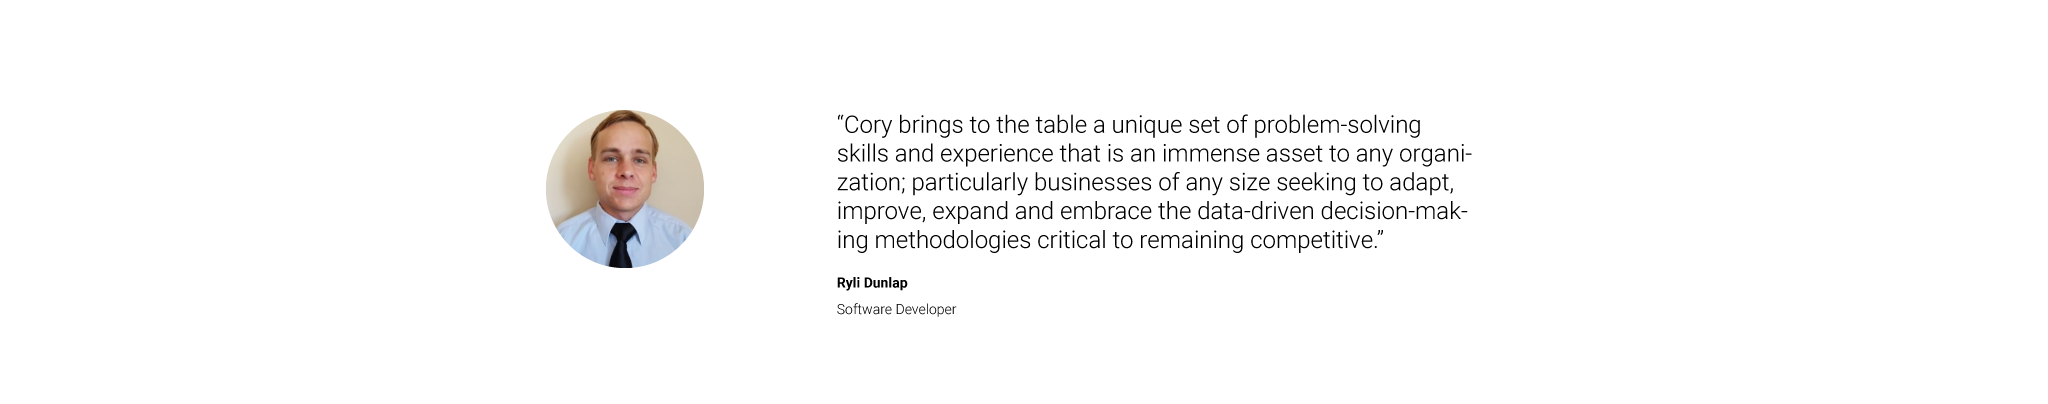 ryli-dunlap-testimonial-100.png